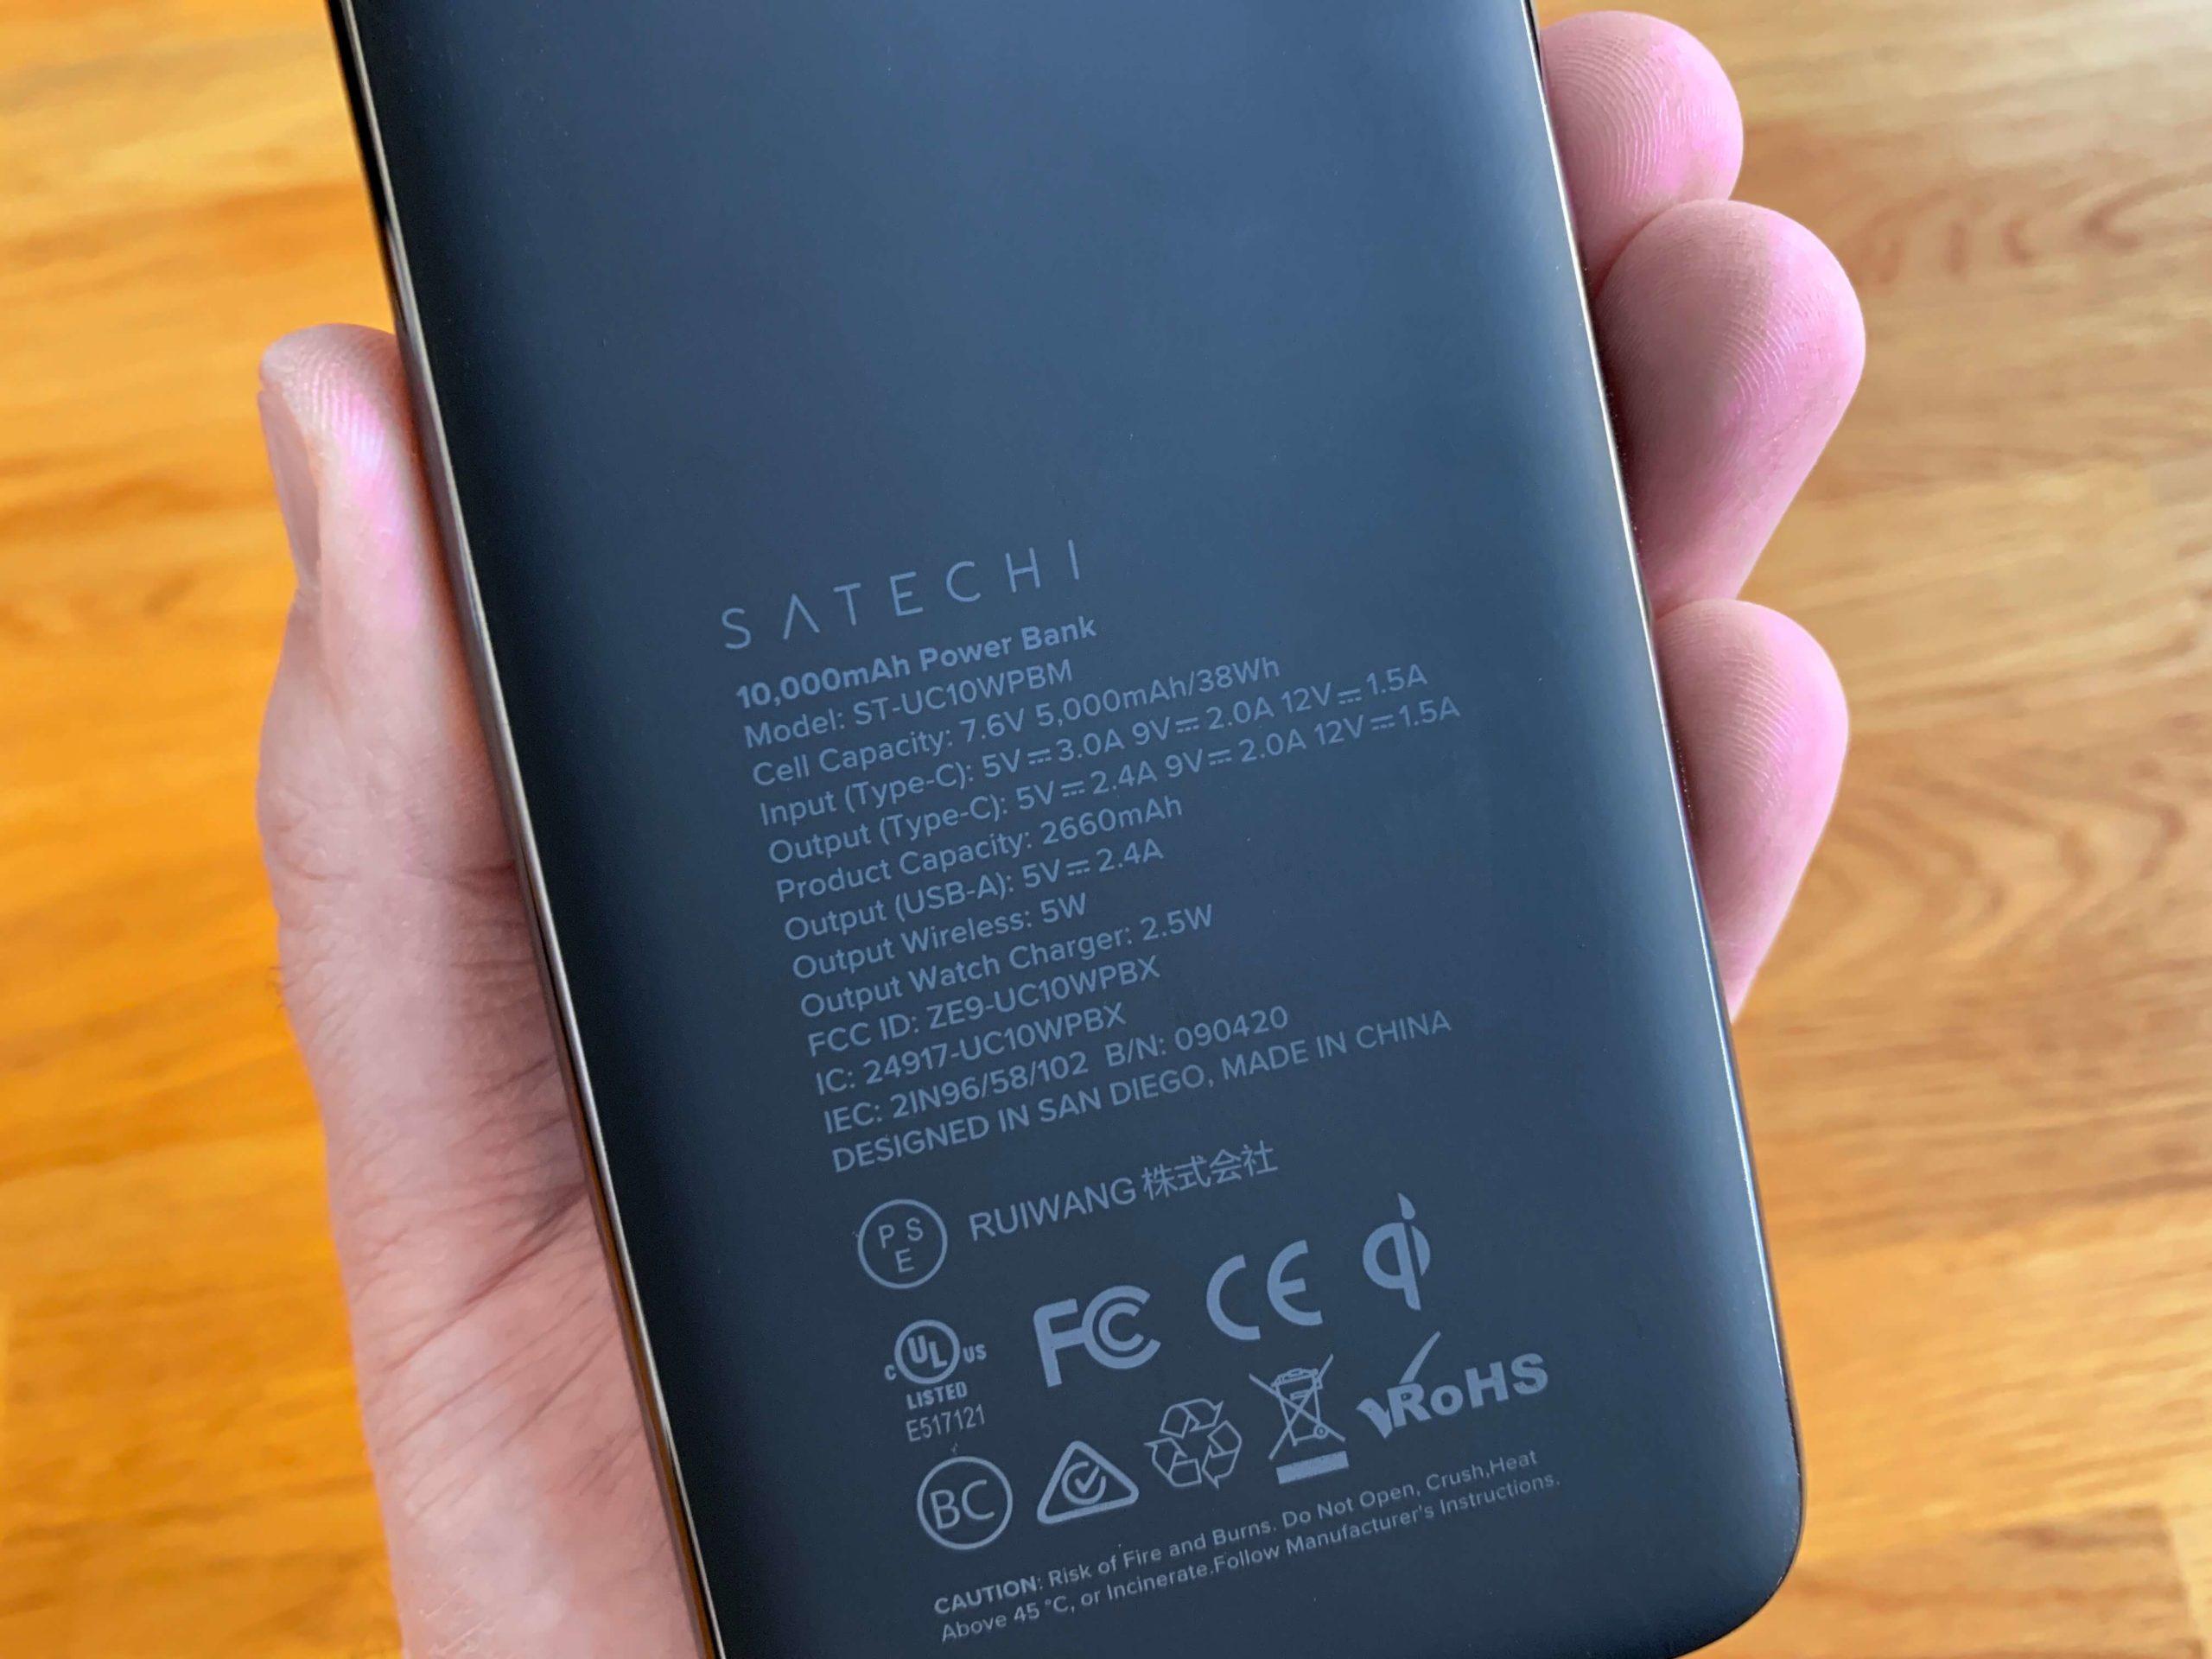 Quatro-Wireless-Power-Bank-von-Satechi-iPhone-und-Apple-Watch-kabellos-laden4-scaled Quatro Wireless Power Bank von Satechi - iPhone und Apple Watch kabellos laden